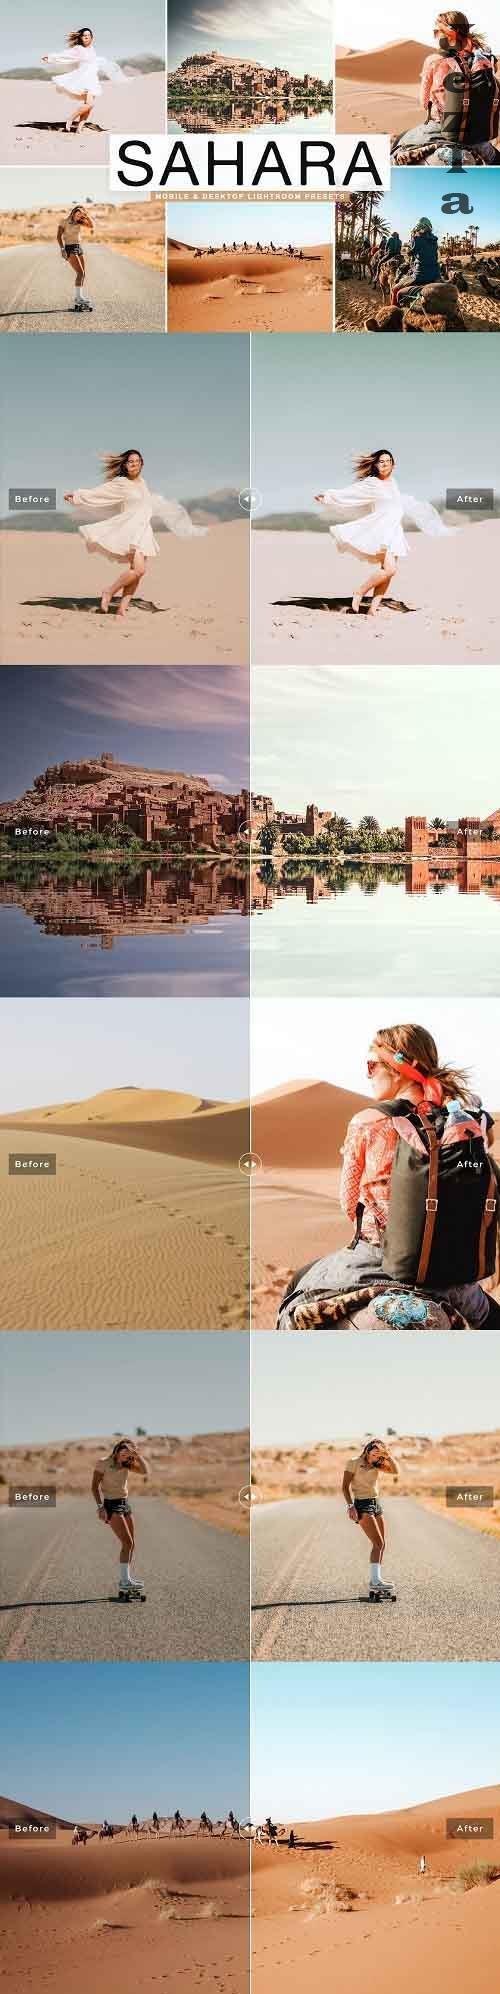 Sahara LRM Presets Pack - 5047168 - Mobile & Desktop